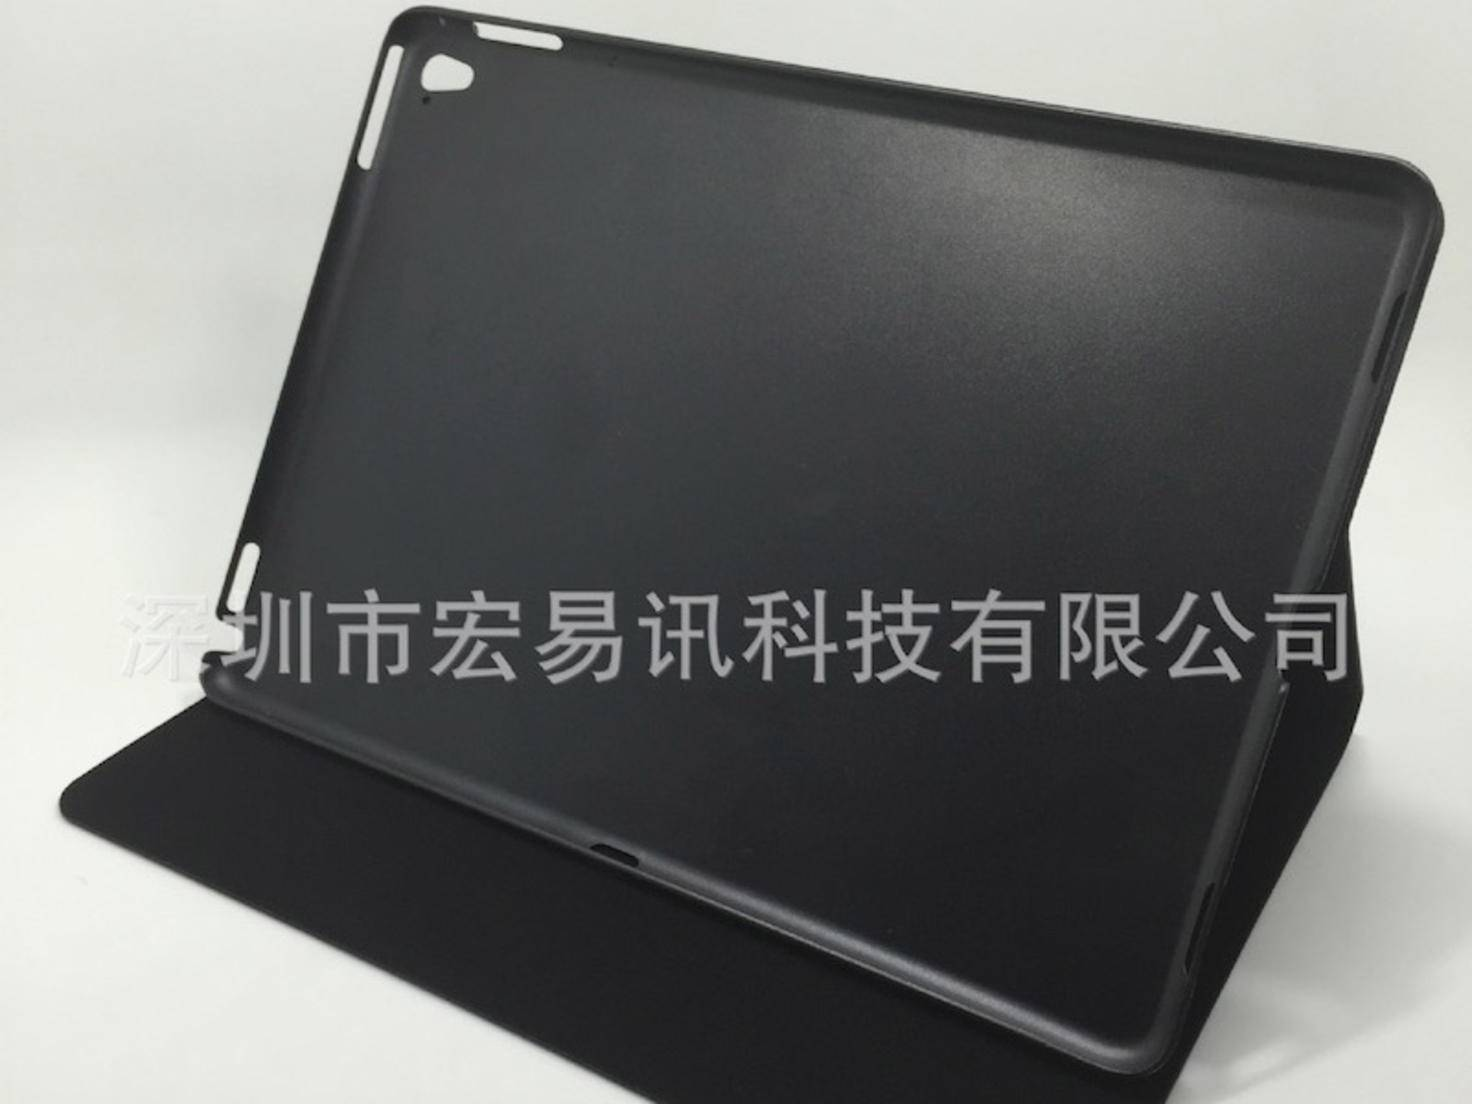 iPad-Air-3-Case